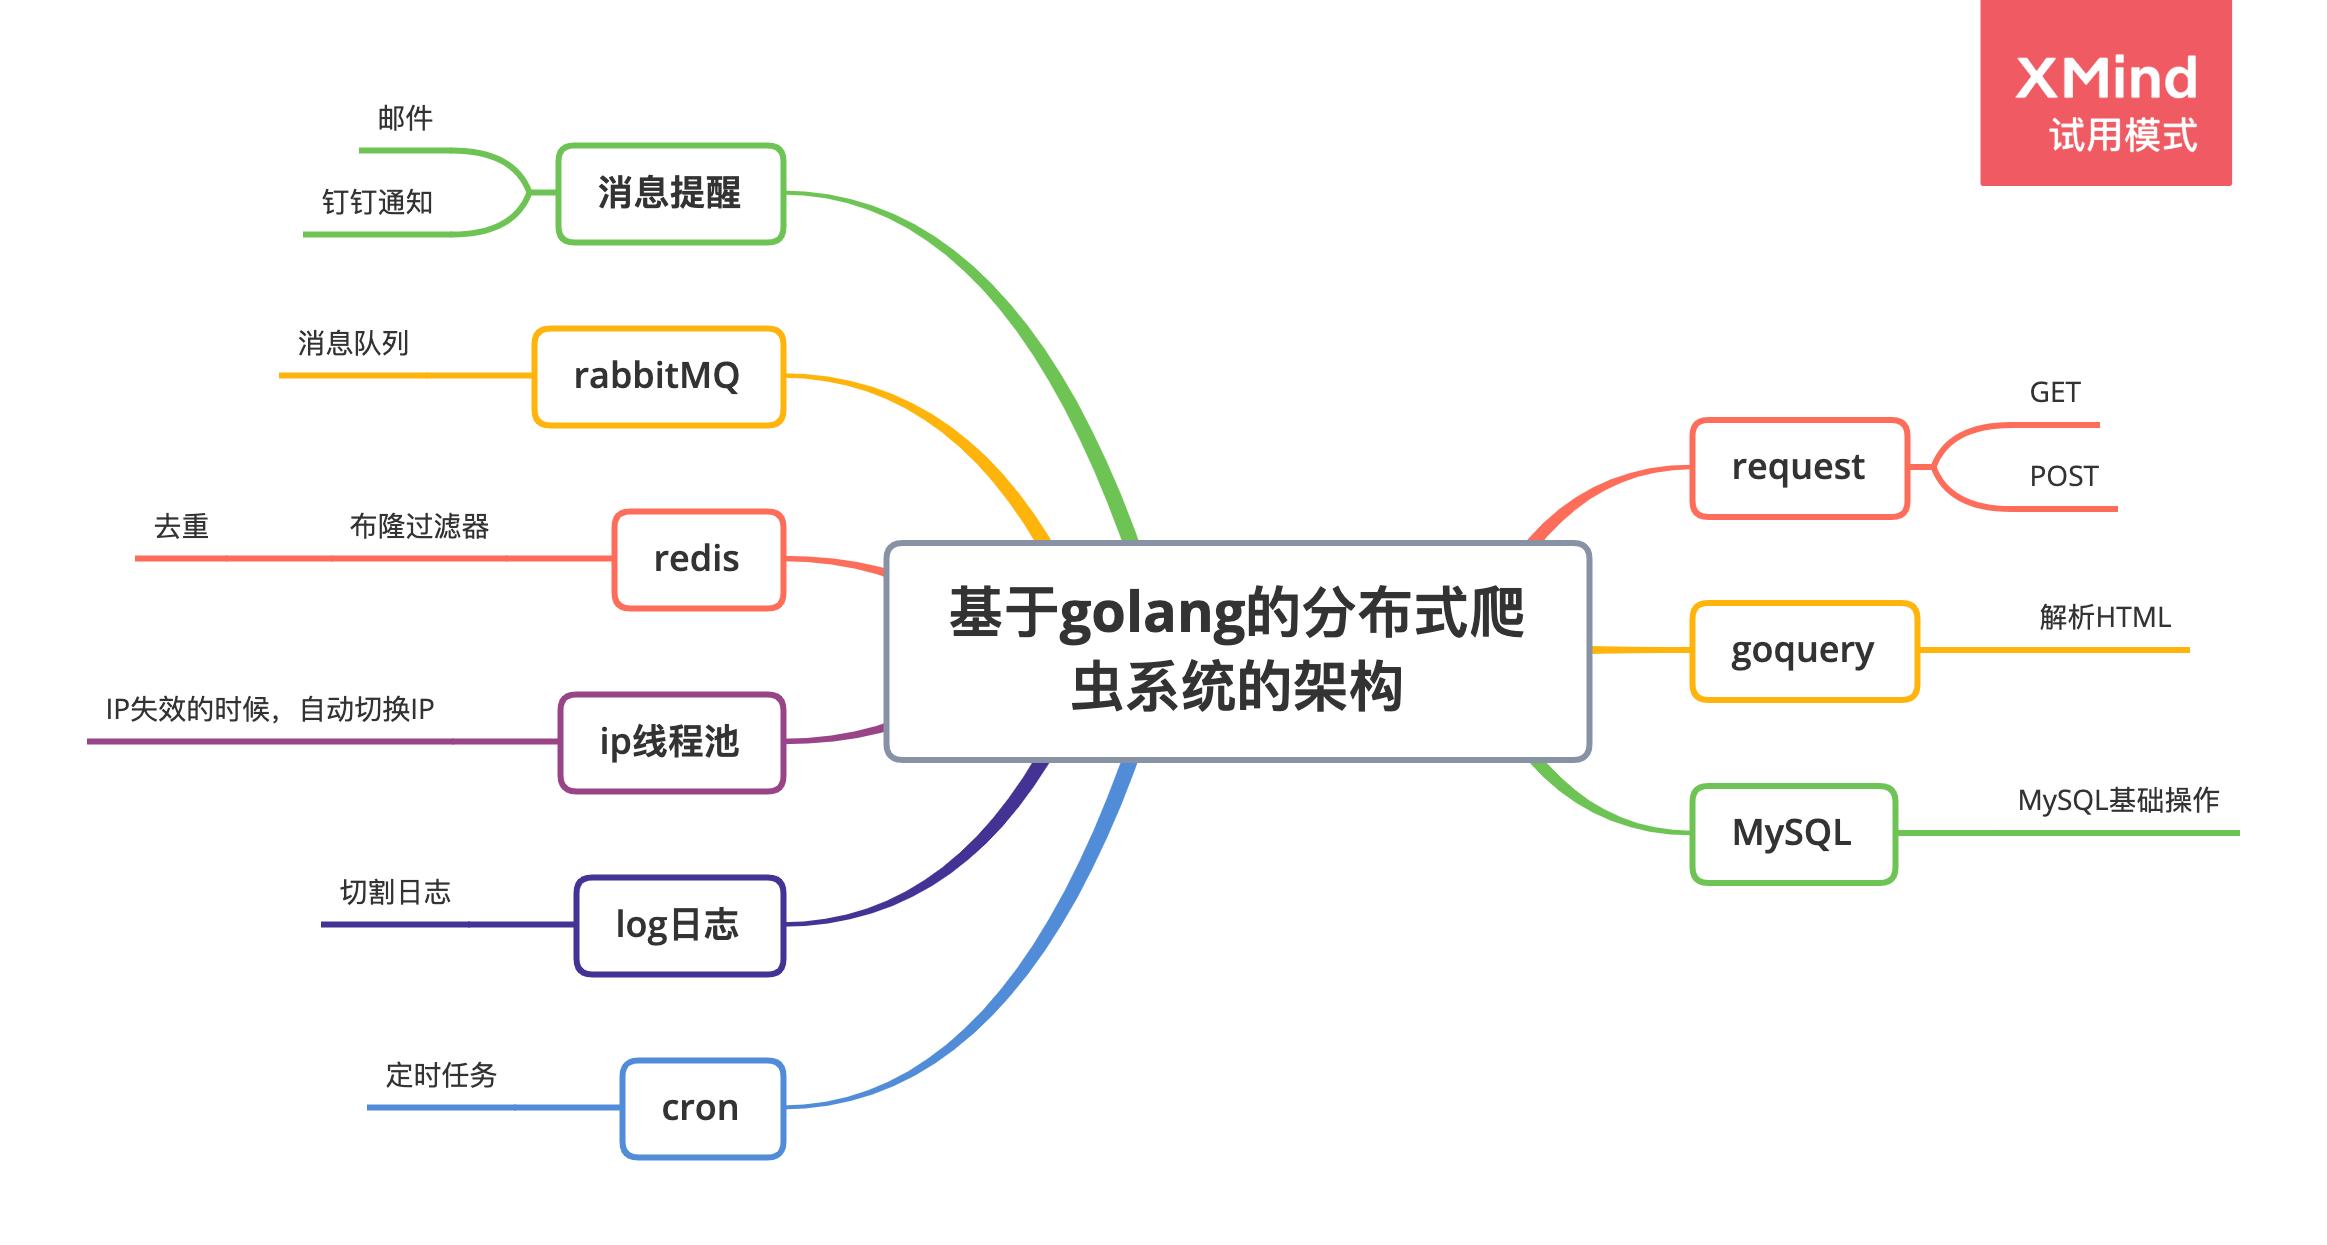 基於golang分散式爬蟲系統的架構體系v1.0